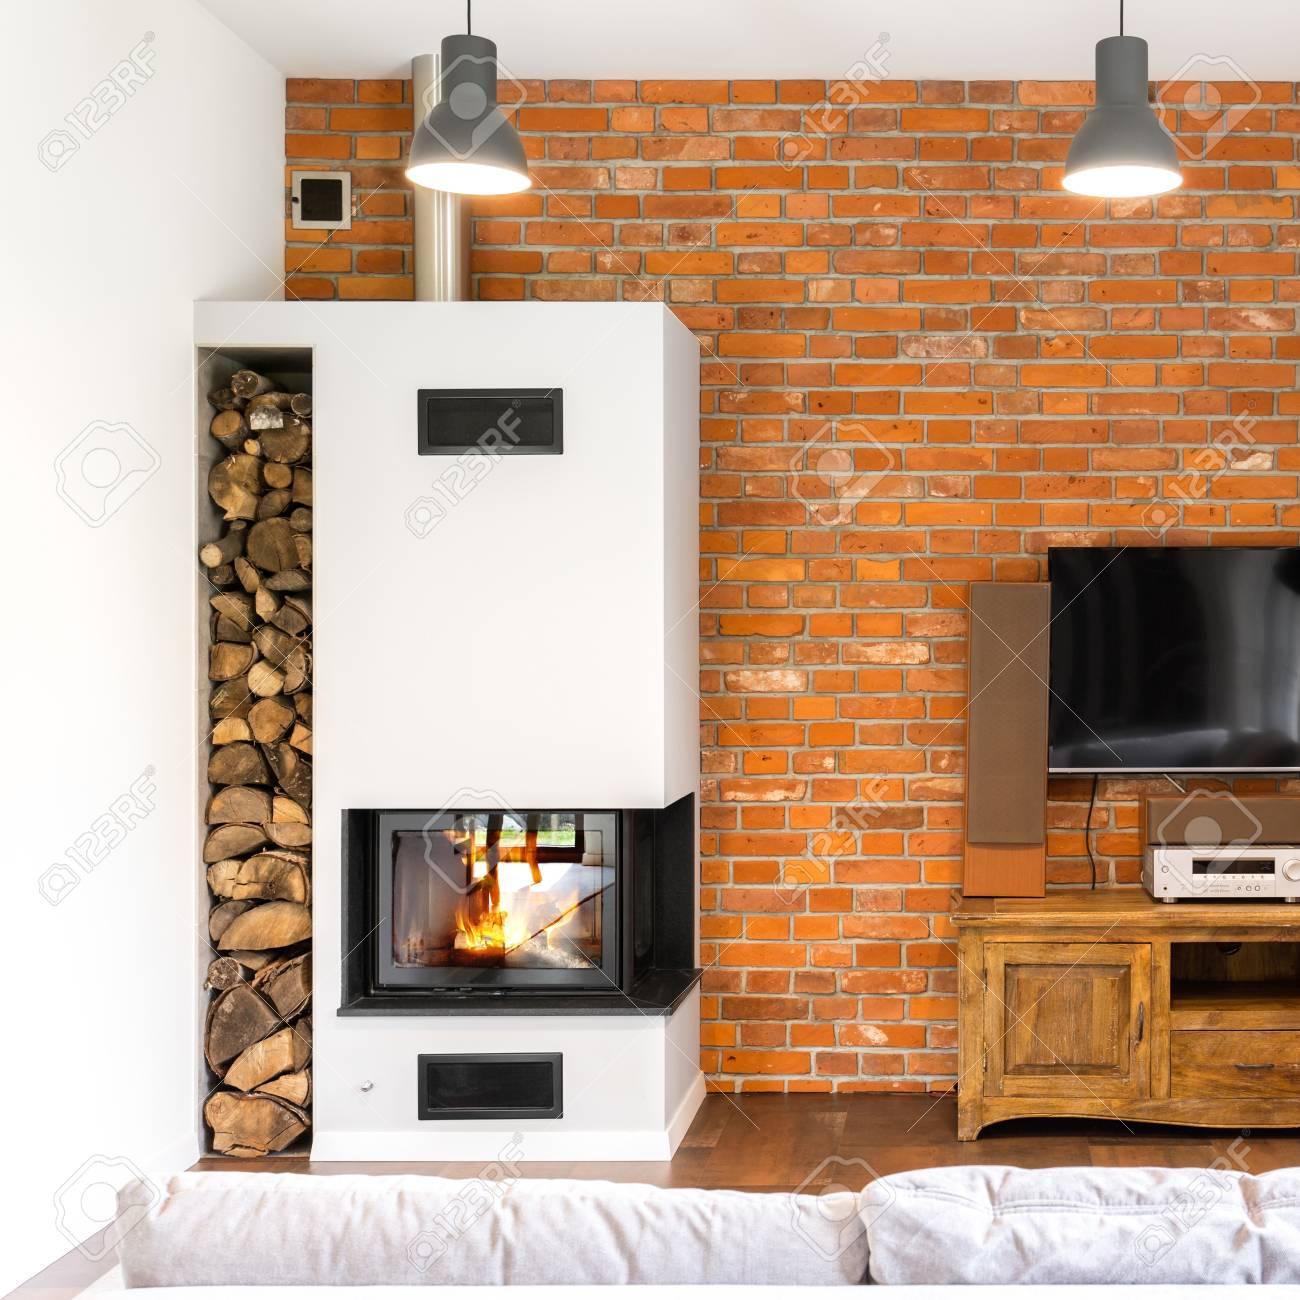 Mur de briques salon avec cheminée moderne, coffret en bois vintage et TV